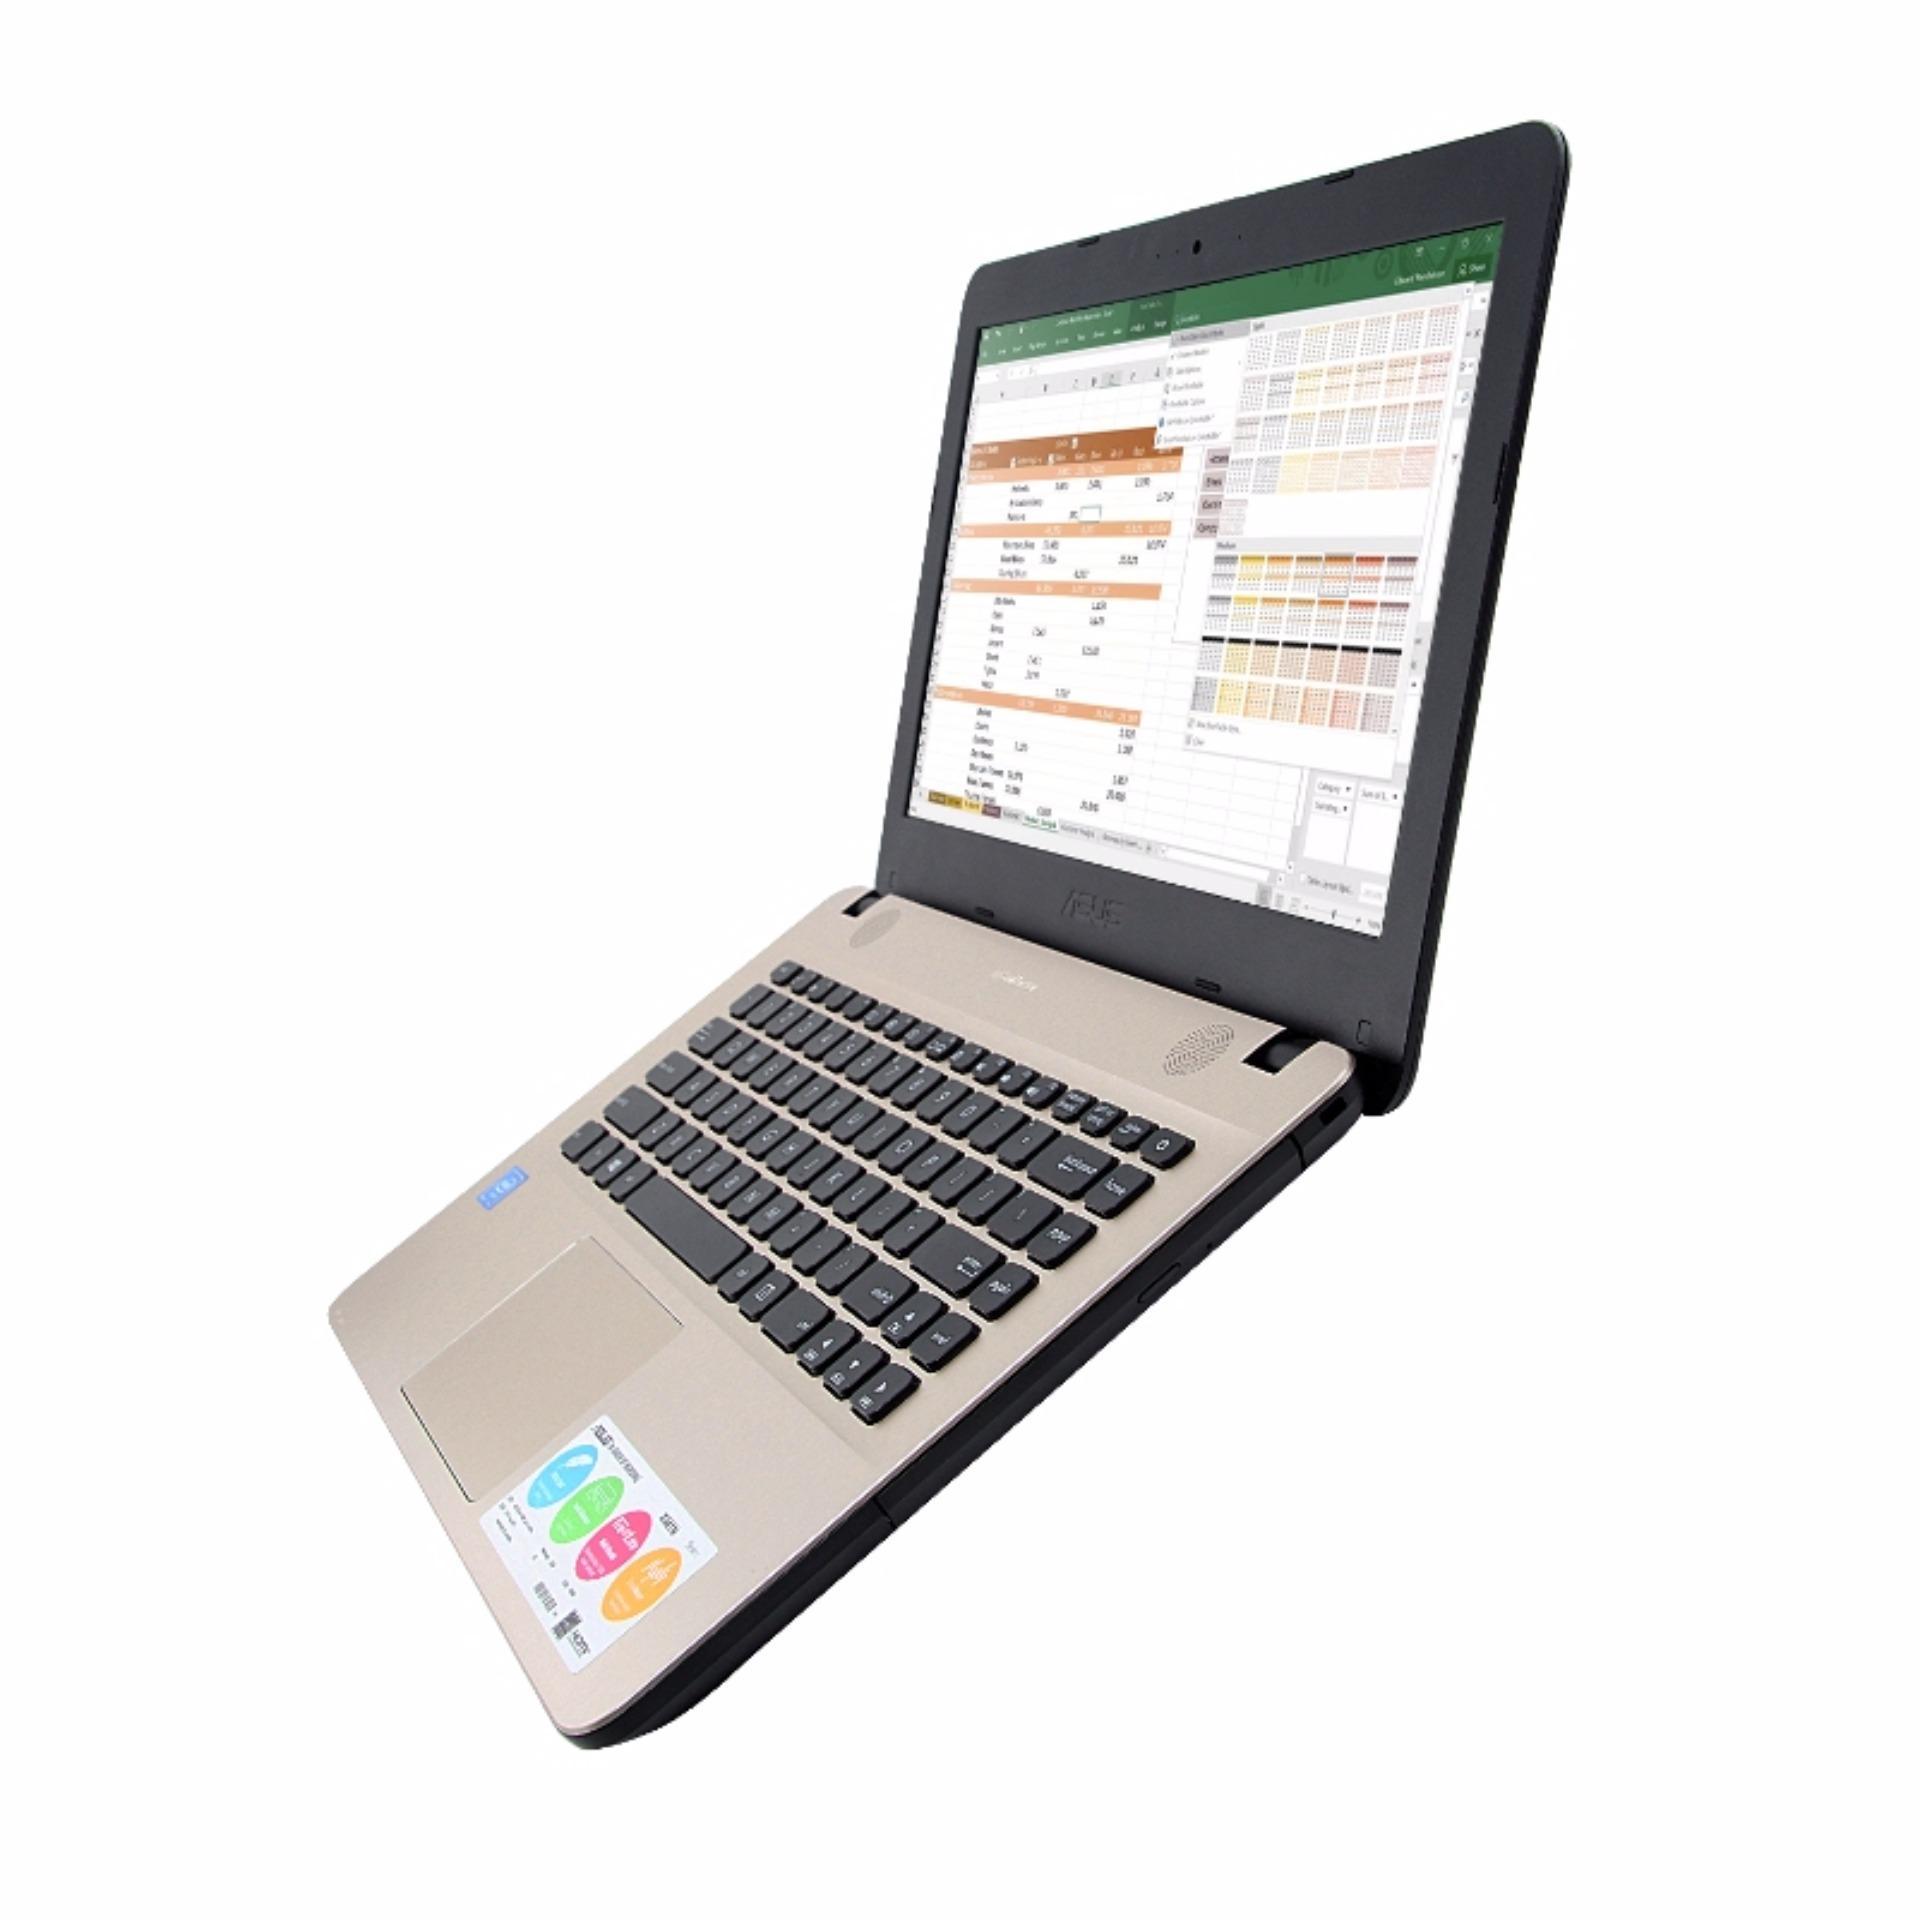 Daftar Harga Laptop Asus X441 Na Dual Core Ram 2gb Hd 500gb X441na N3350 4gb Intel Dos Resmi Bergaransi